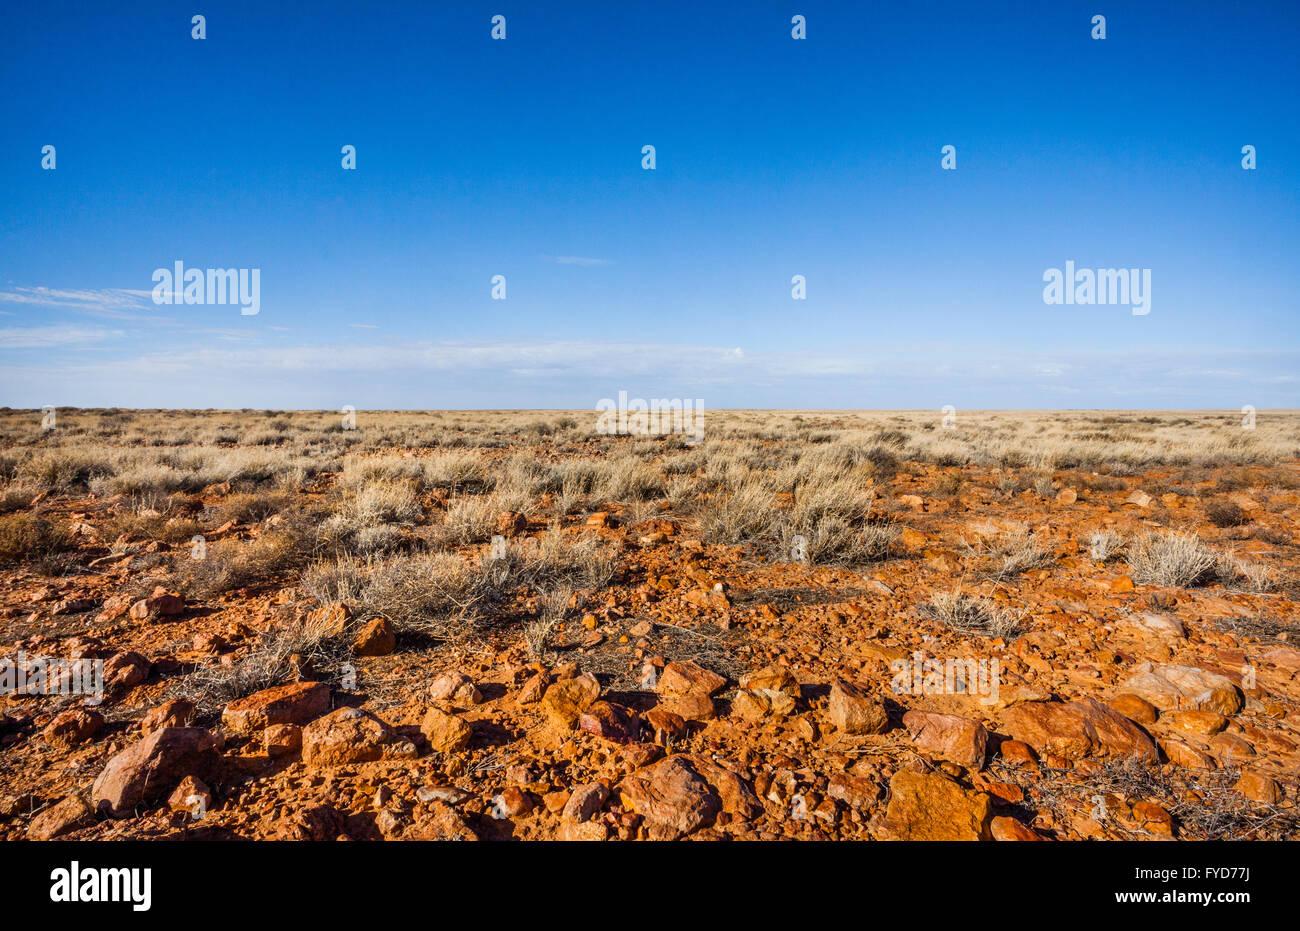 gibber plain with tough grasses on Hamilton Station, Oodnadatta-Eringa Road, South Australia - Stock Image